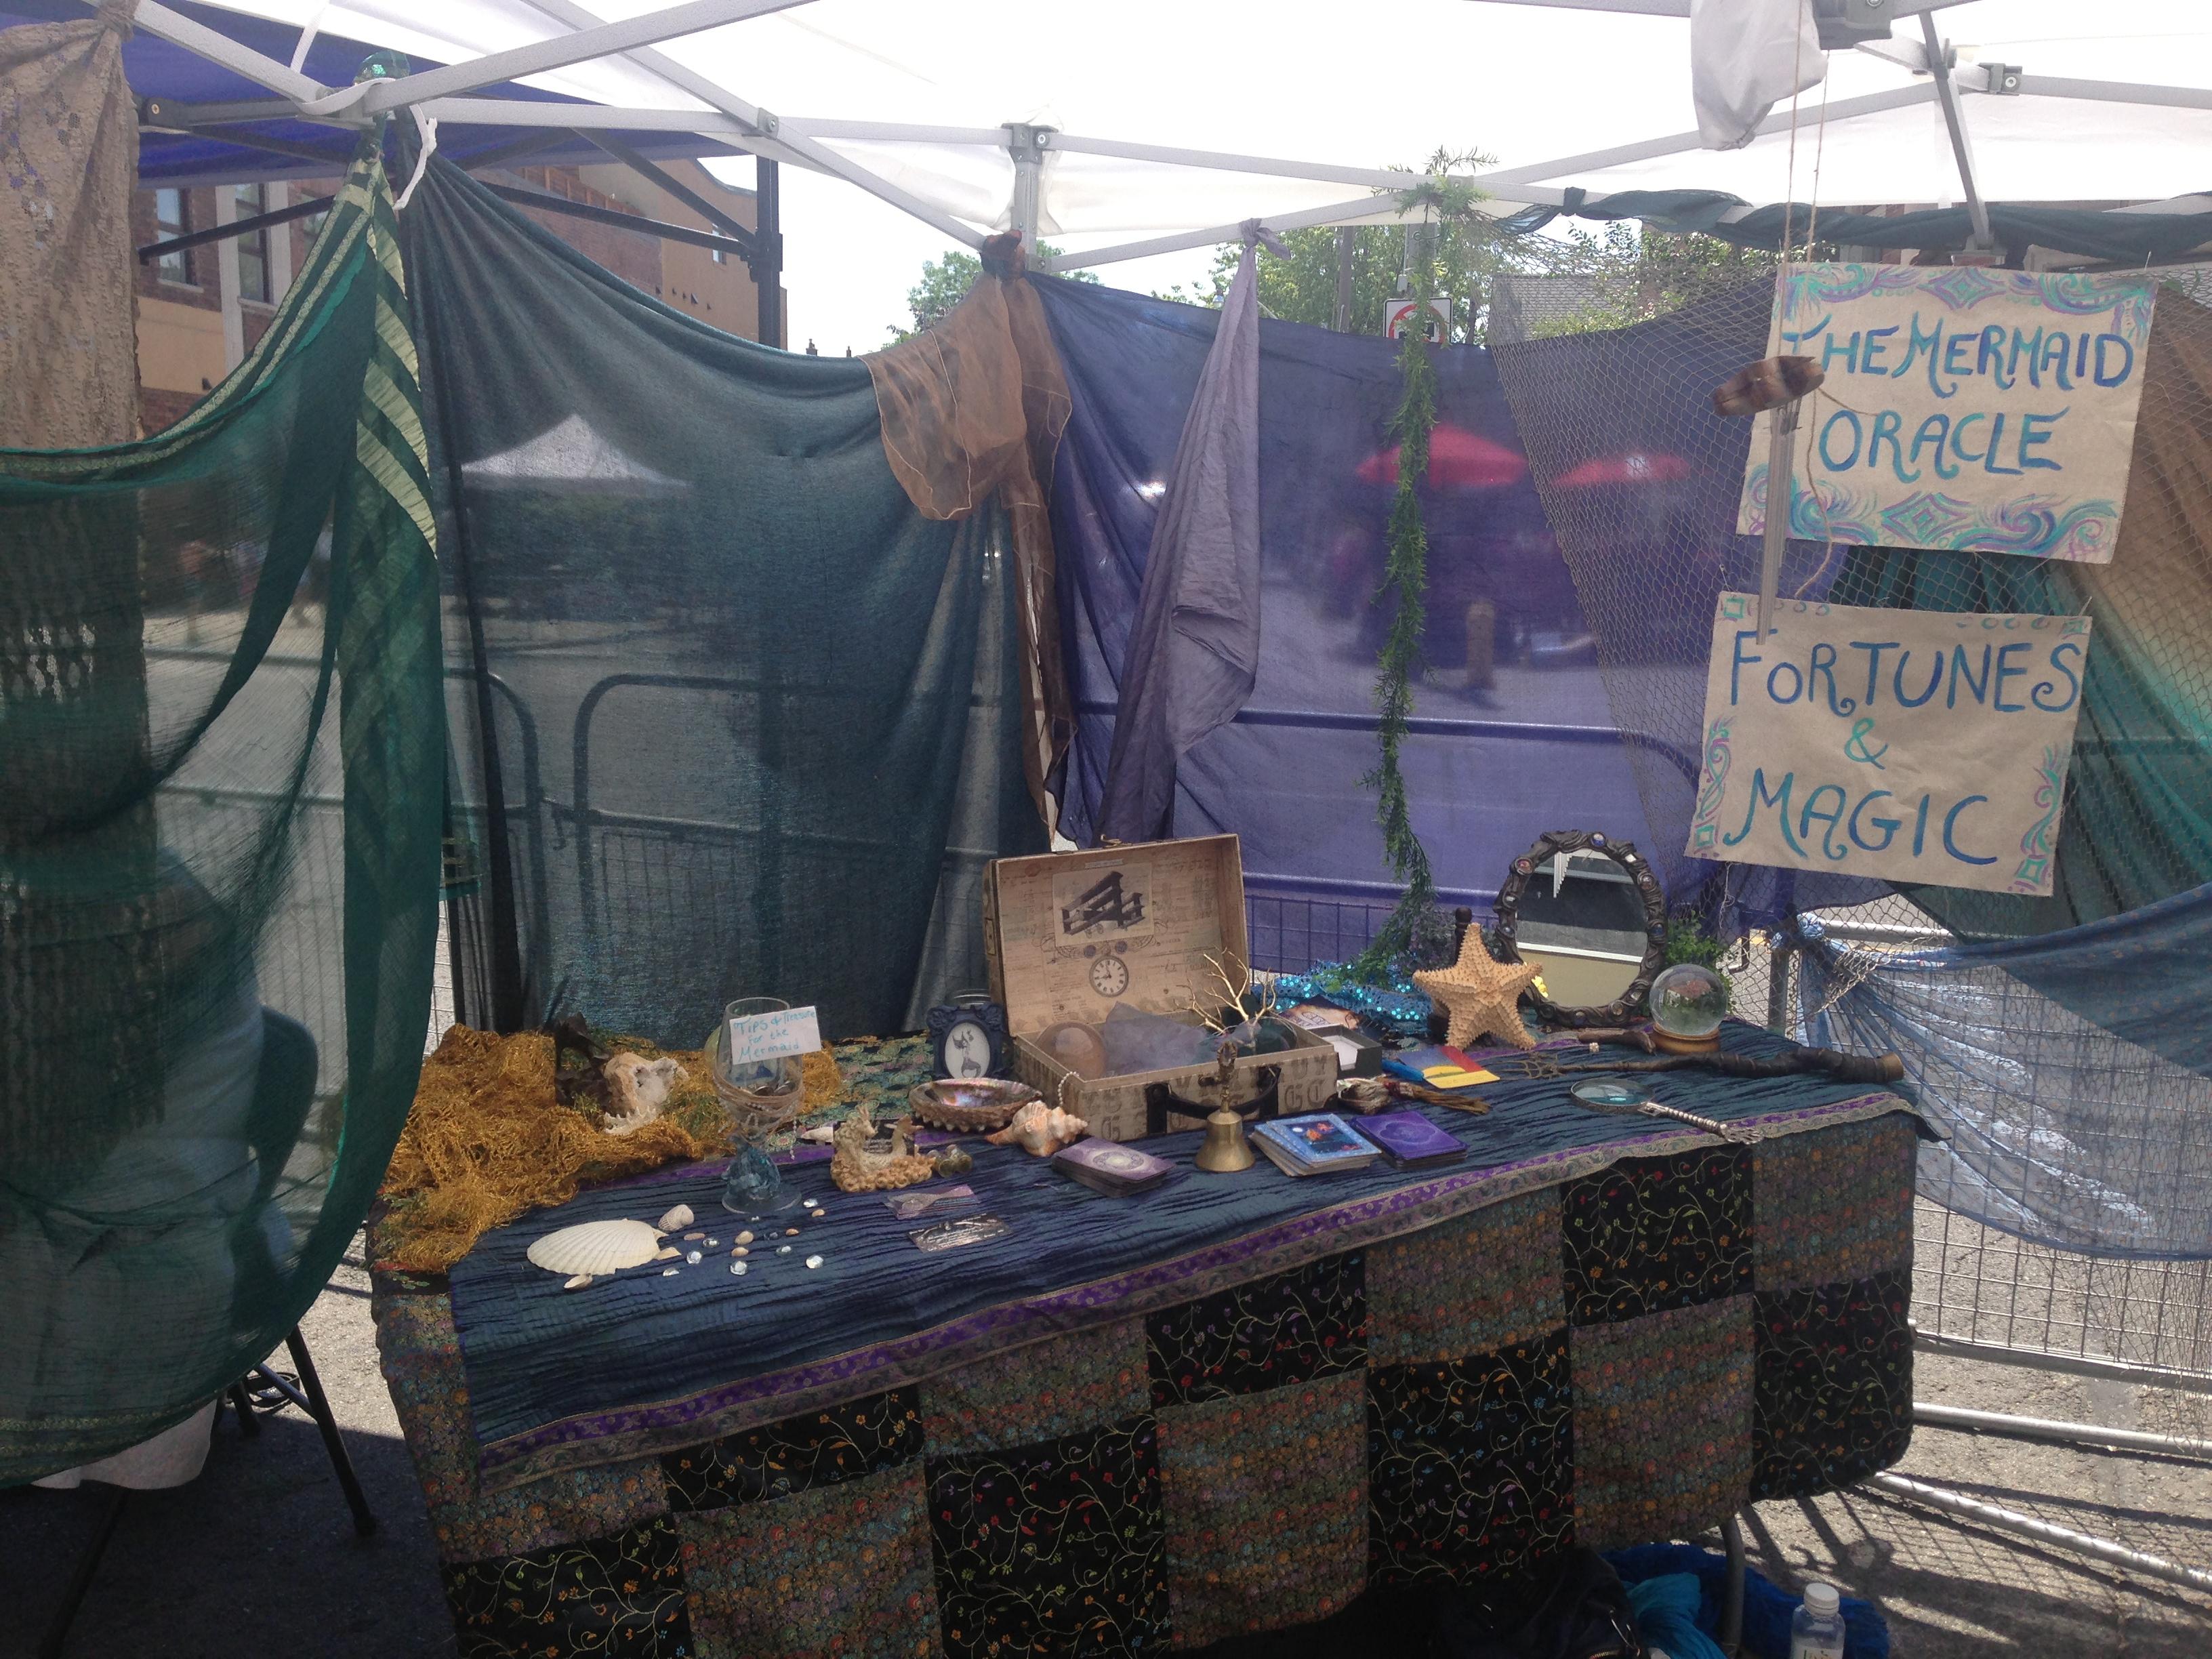 Mermaid Oracle Booth